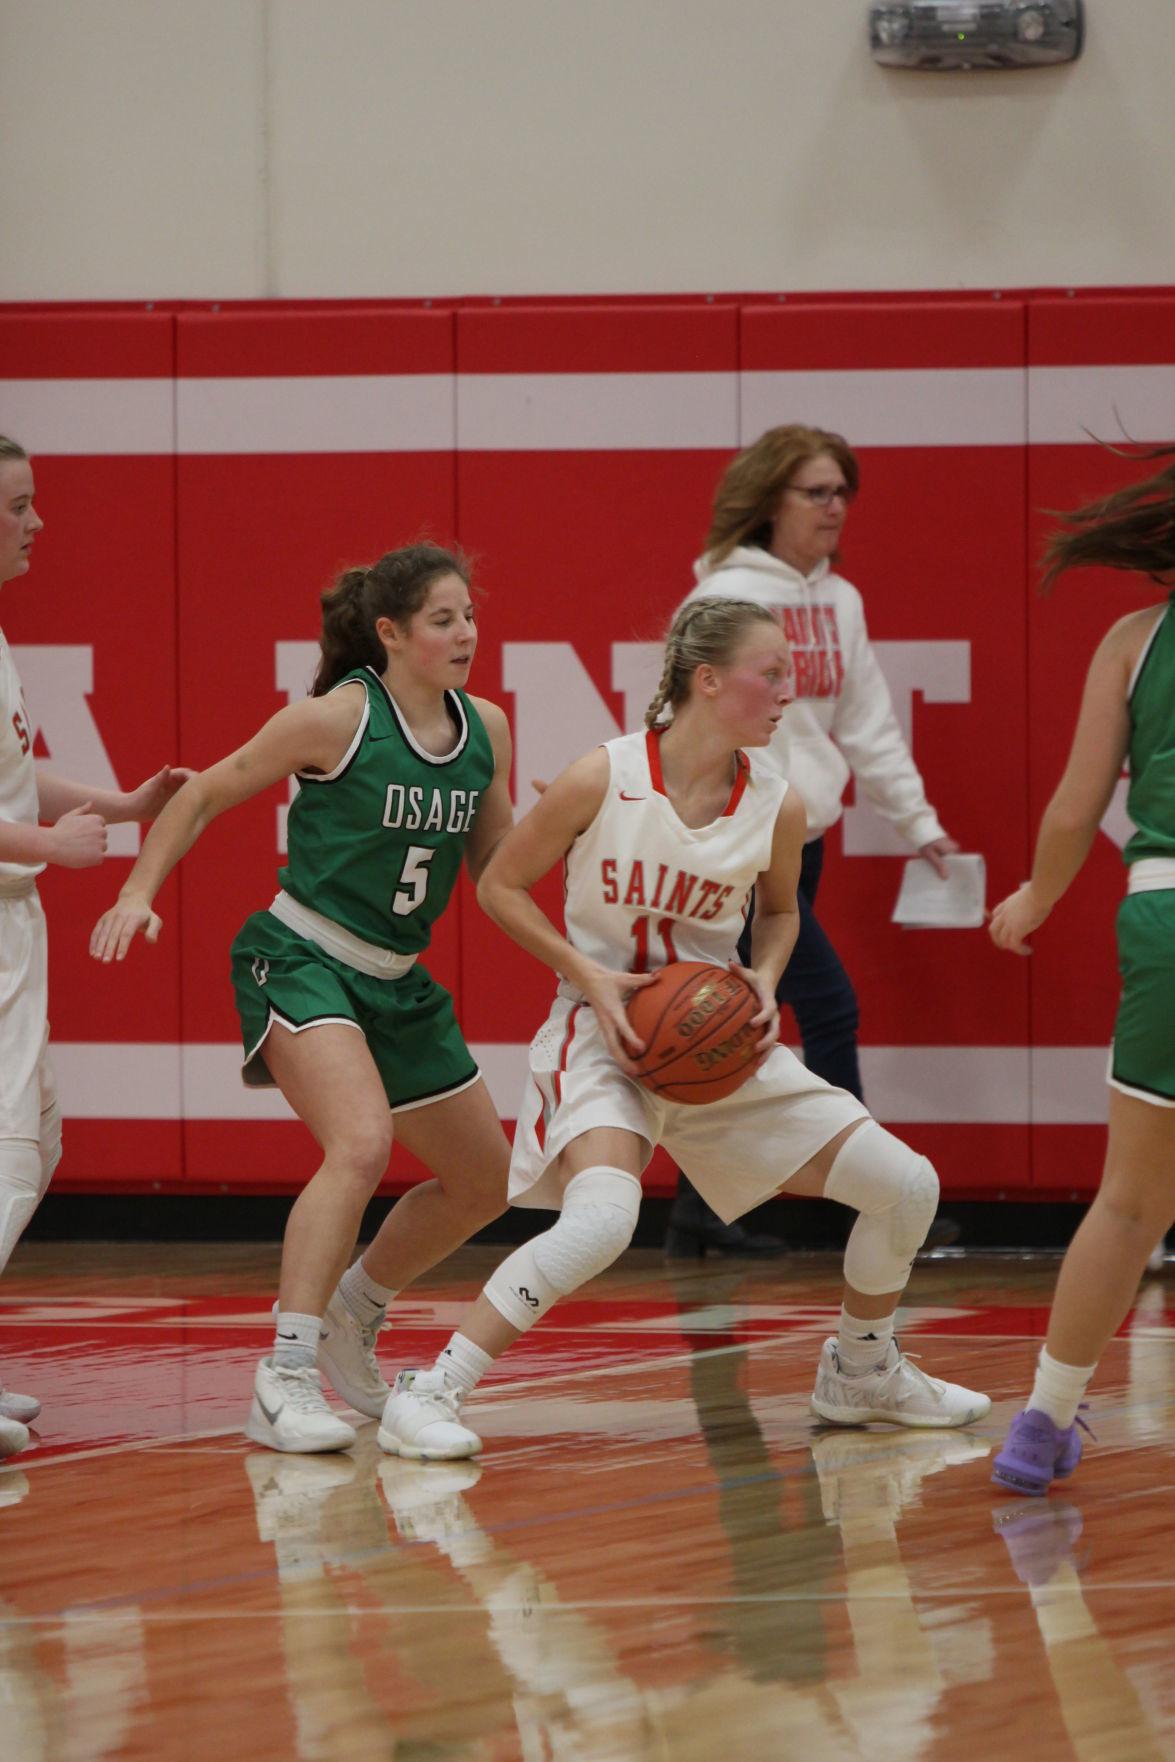 St Ansgar vs Osage girls basketball